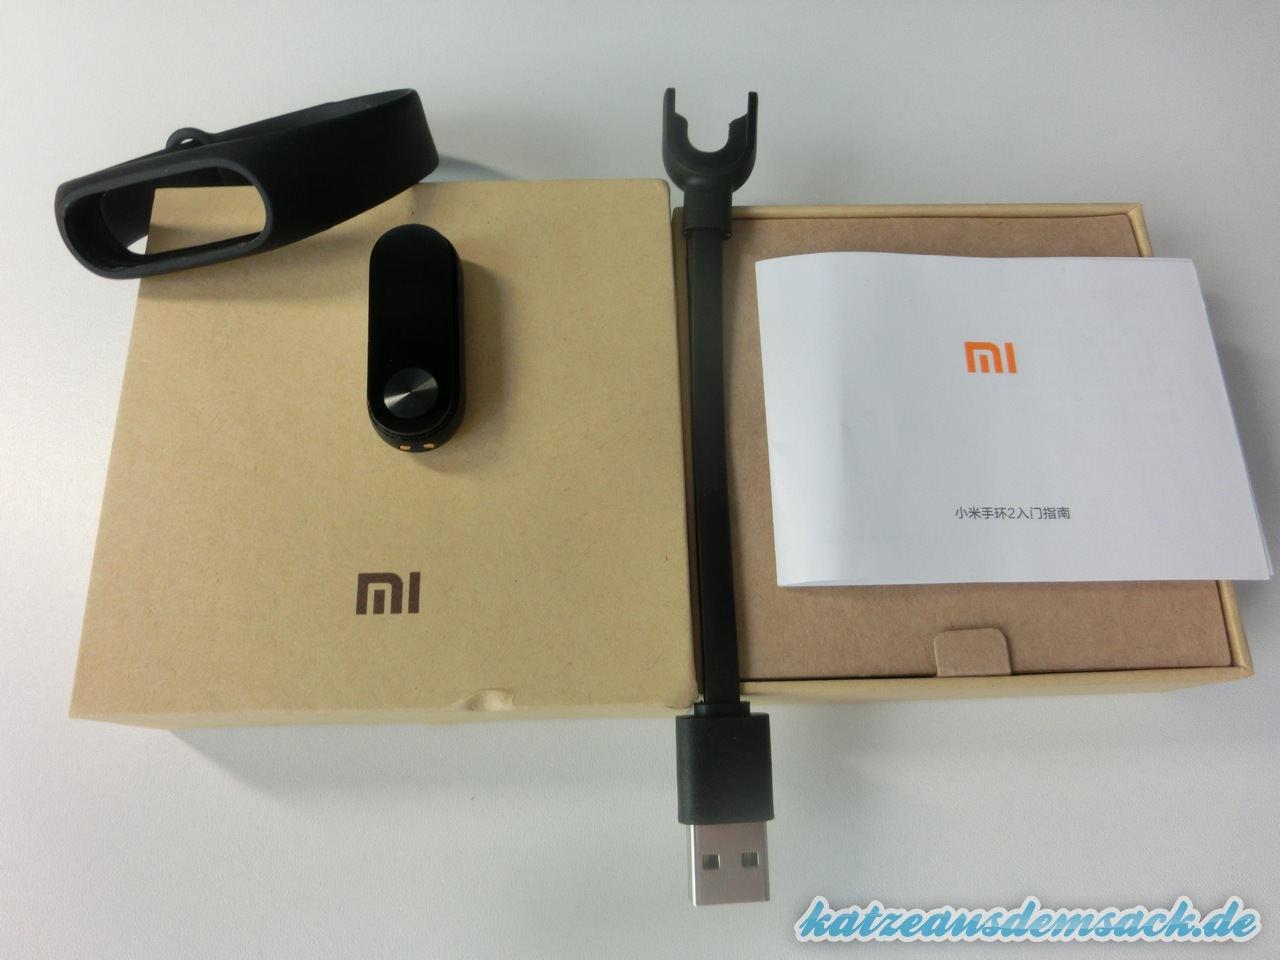 xiaomi-mi-band-2-testkandidat-smartwatch-fitnesstracker (2)